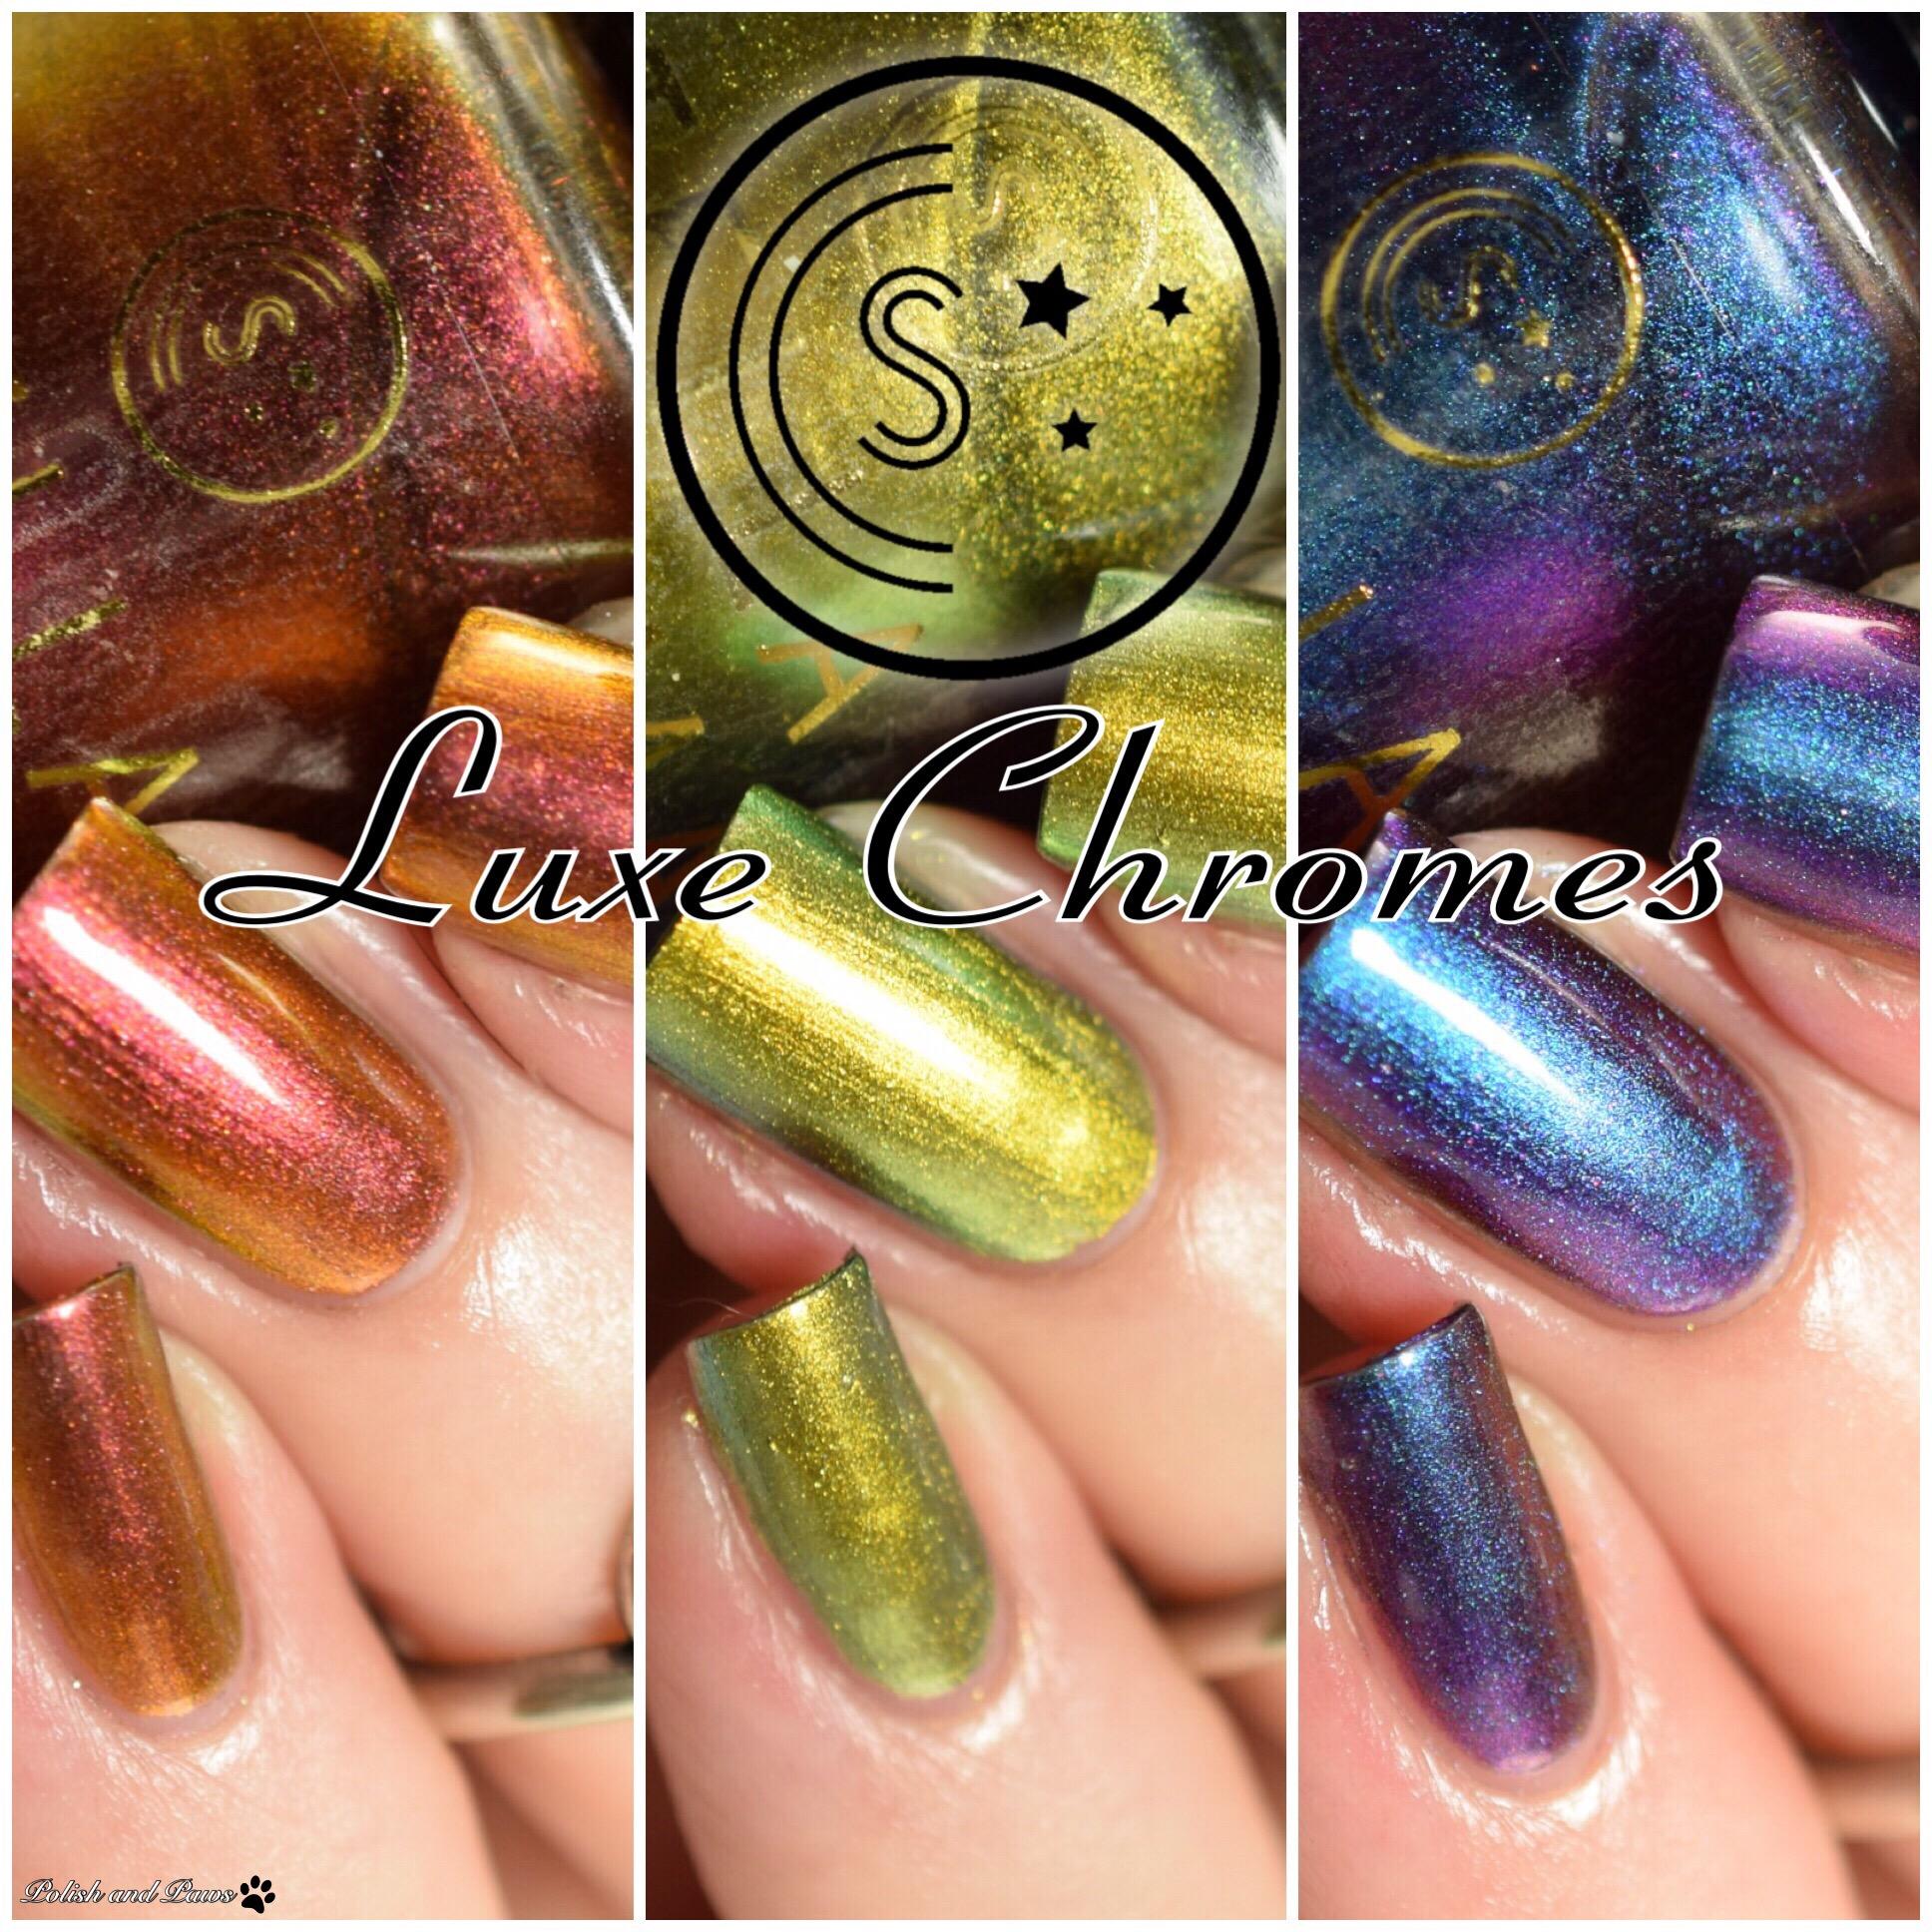 Stella Chroma Luxe Chromes